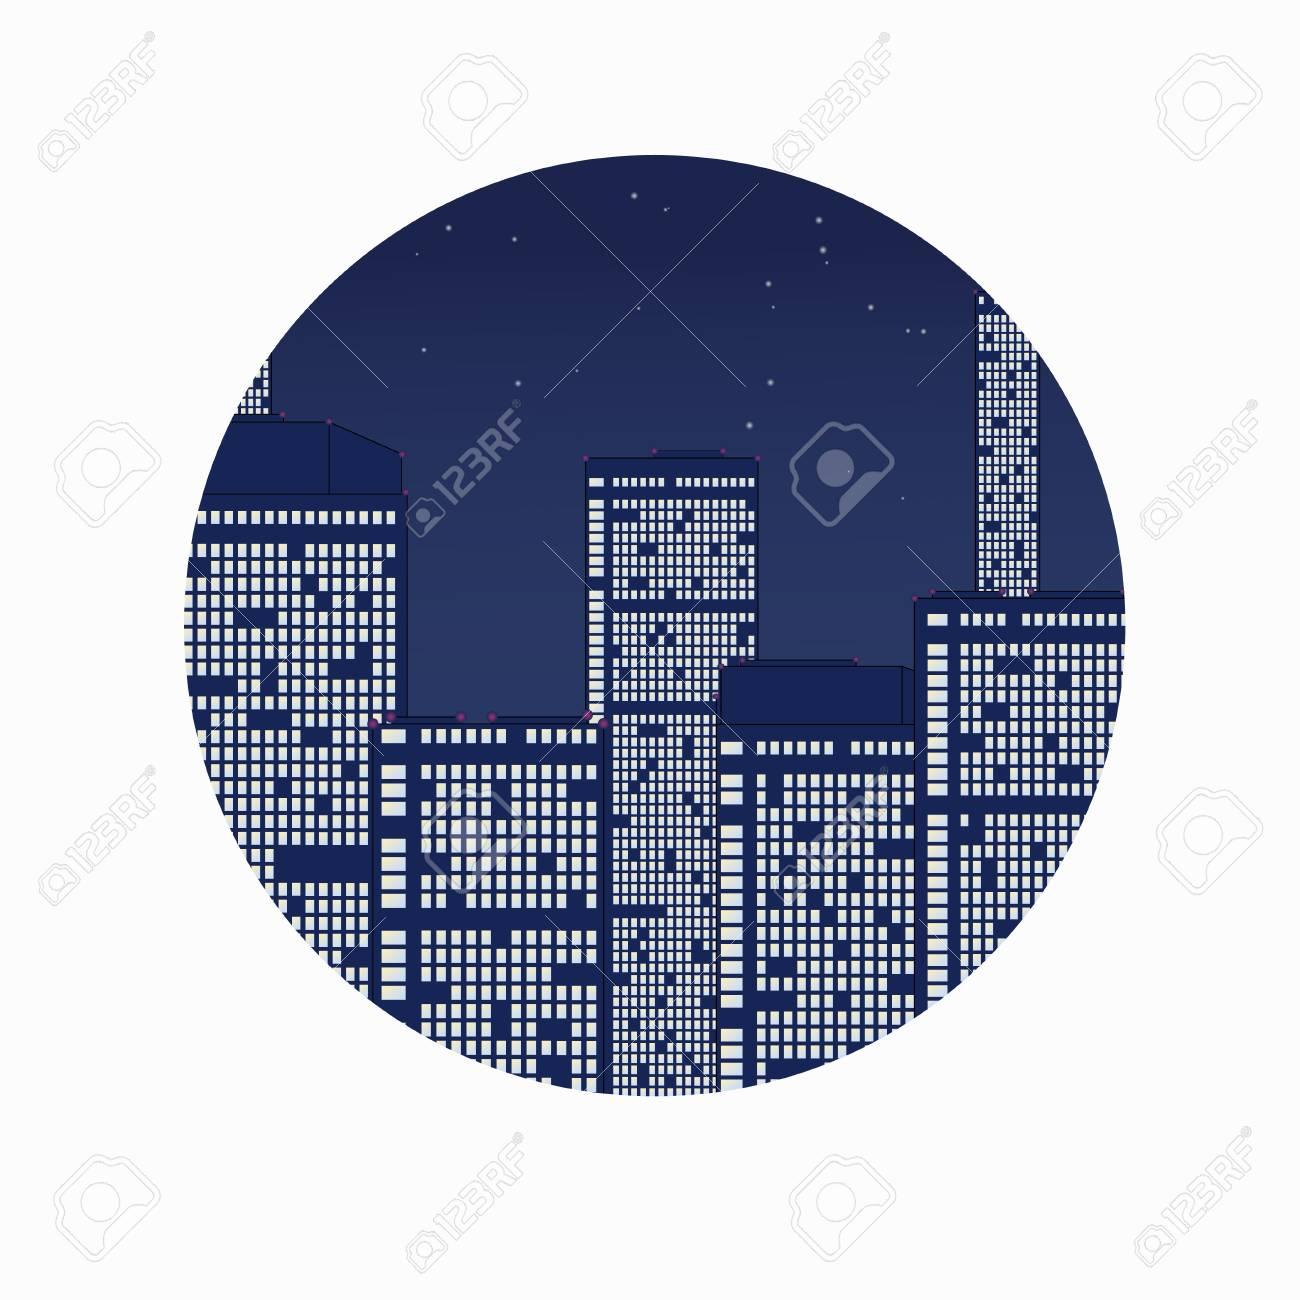 Night city under stars  Abstract vector illustraton Stock Vector - 20329495